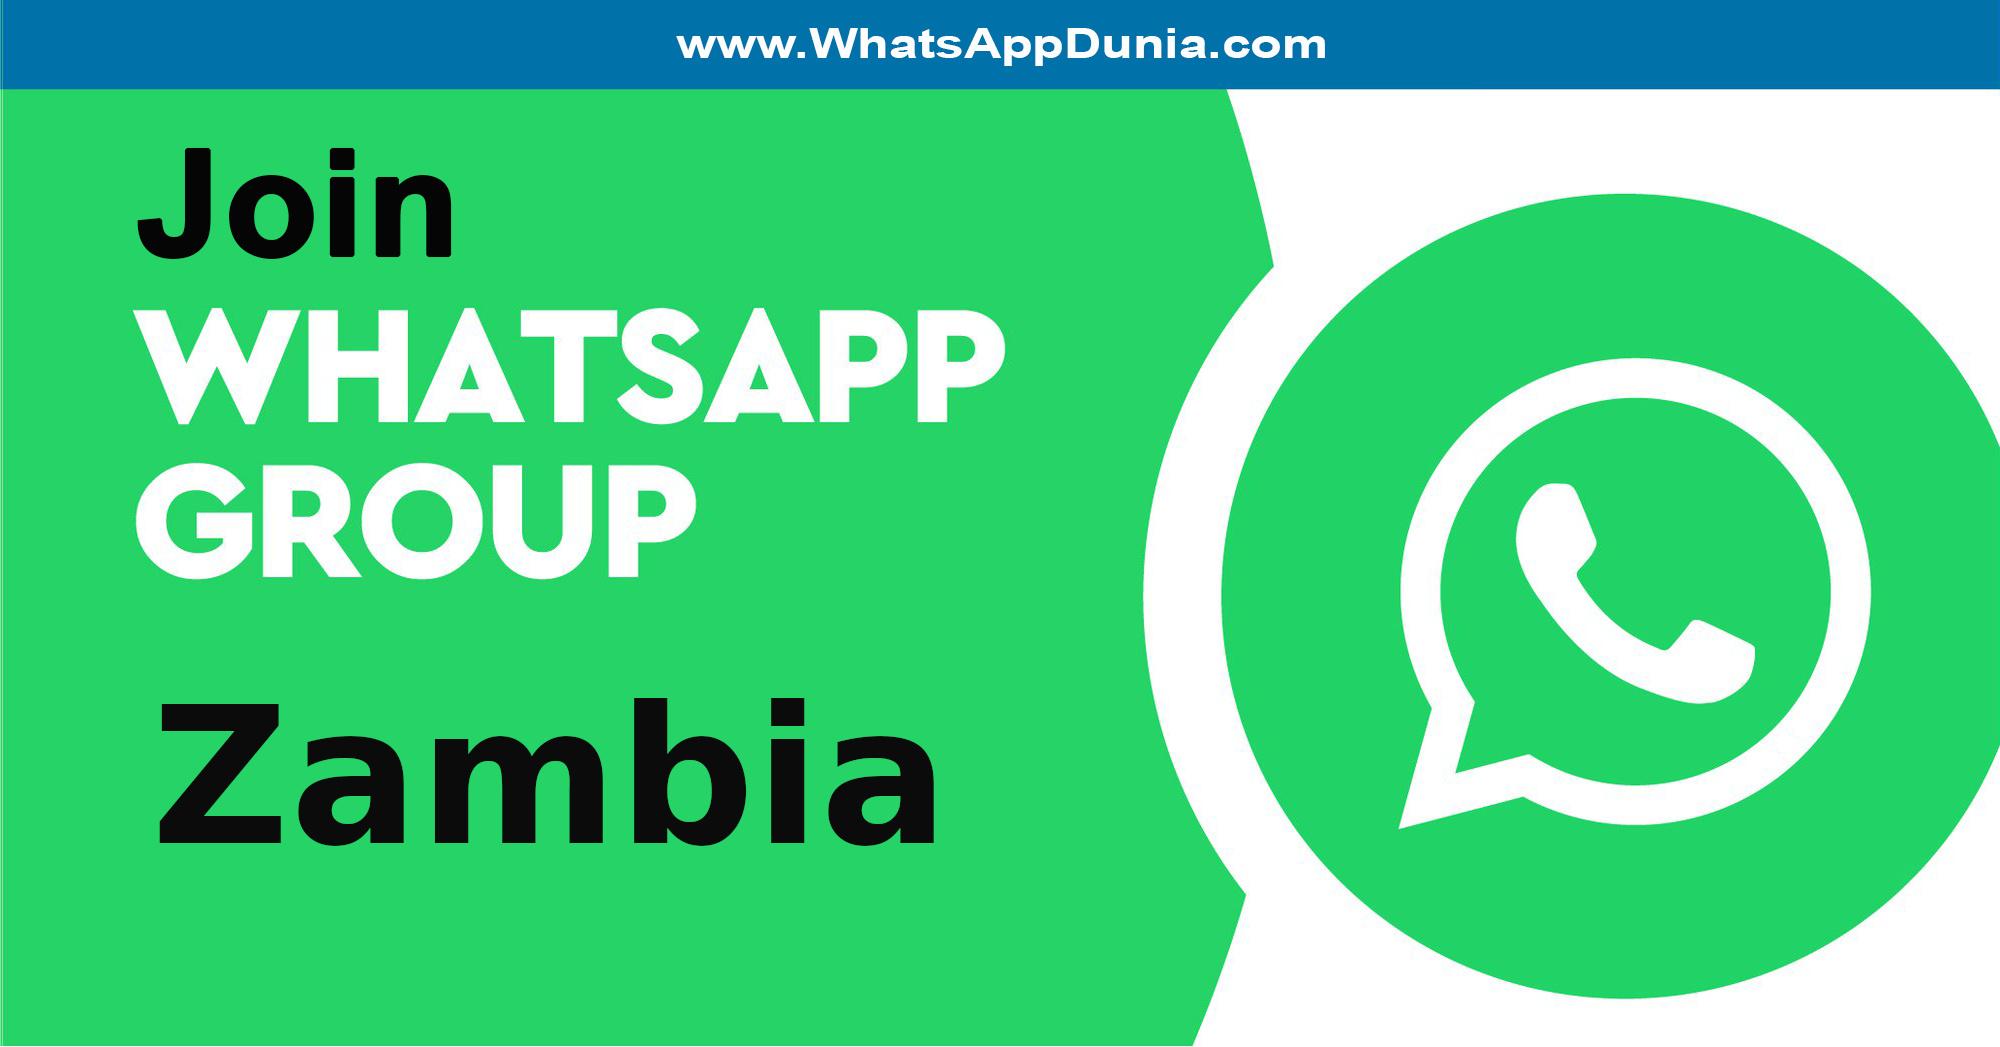 Zambia WhatsApp Group Links